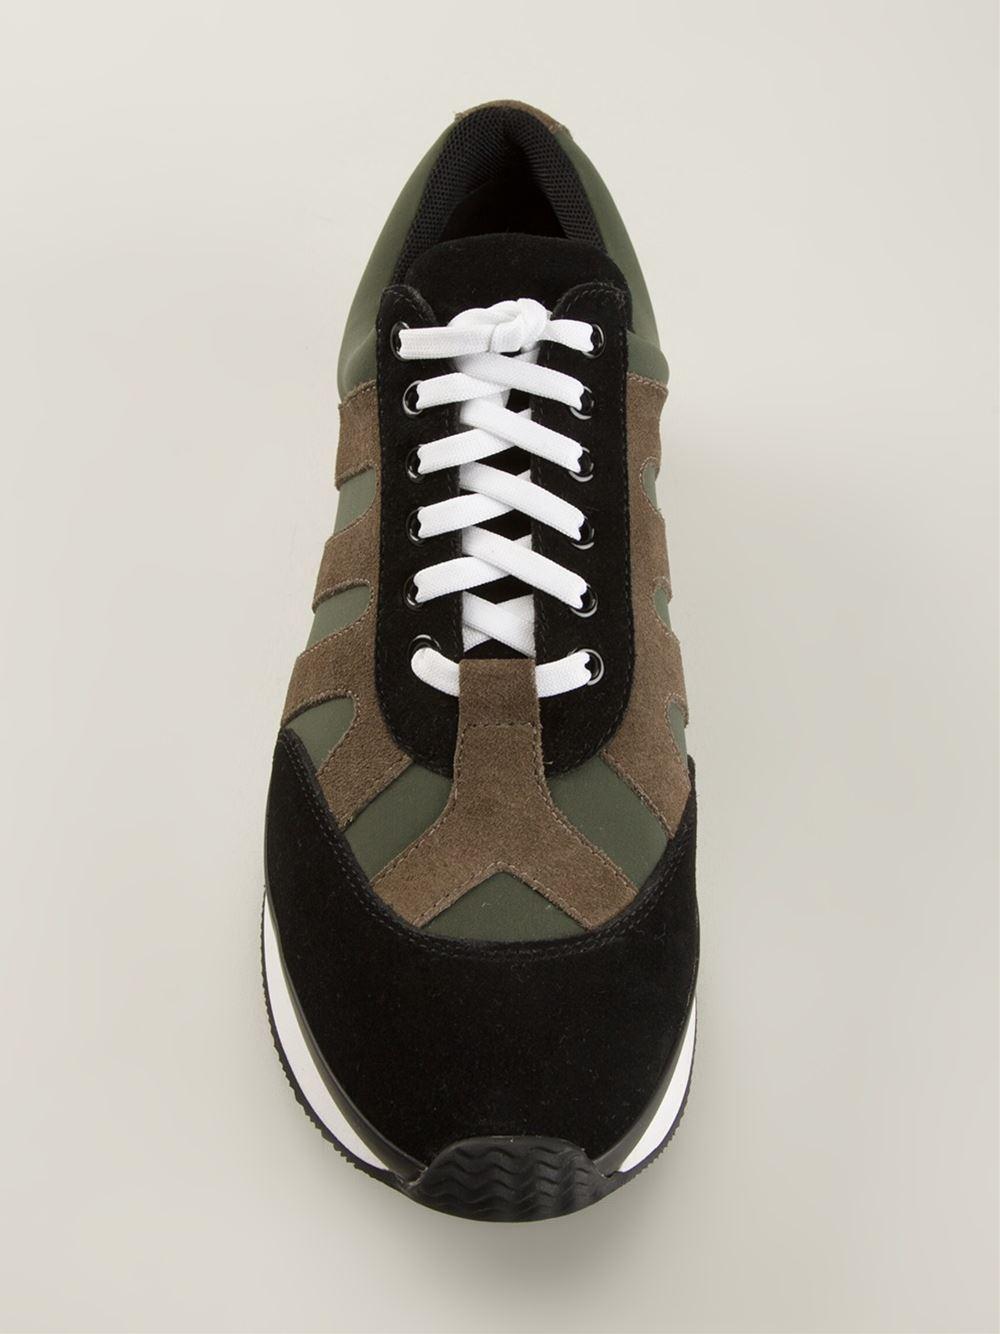 KENZO Panelled Sneakers in Black